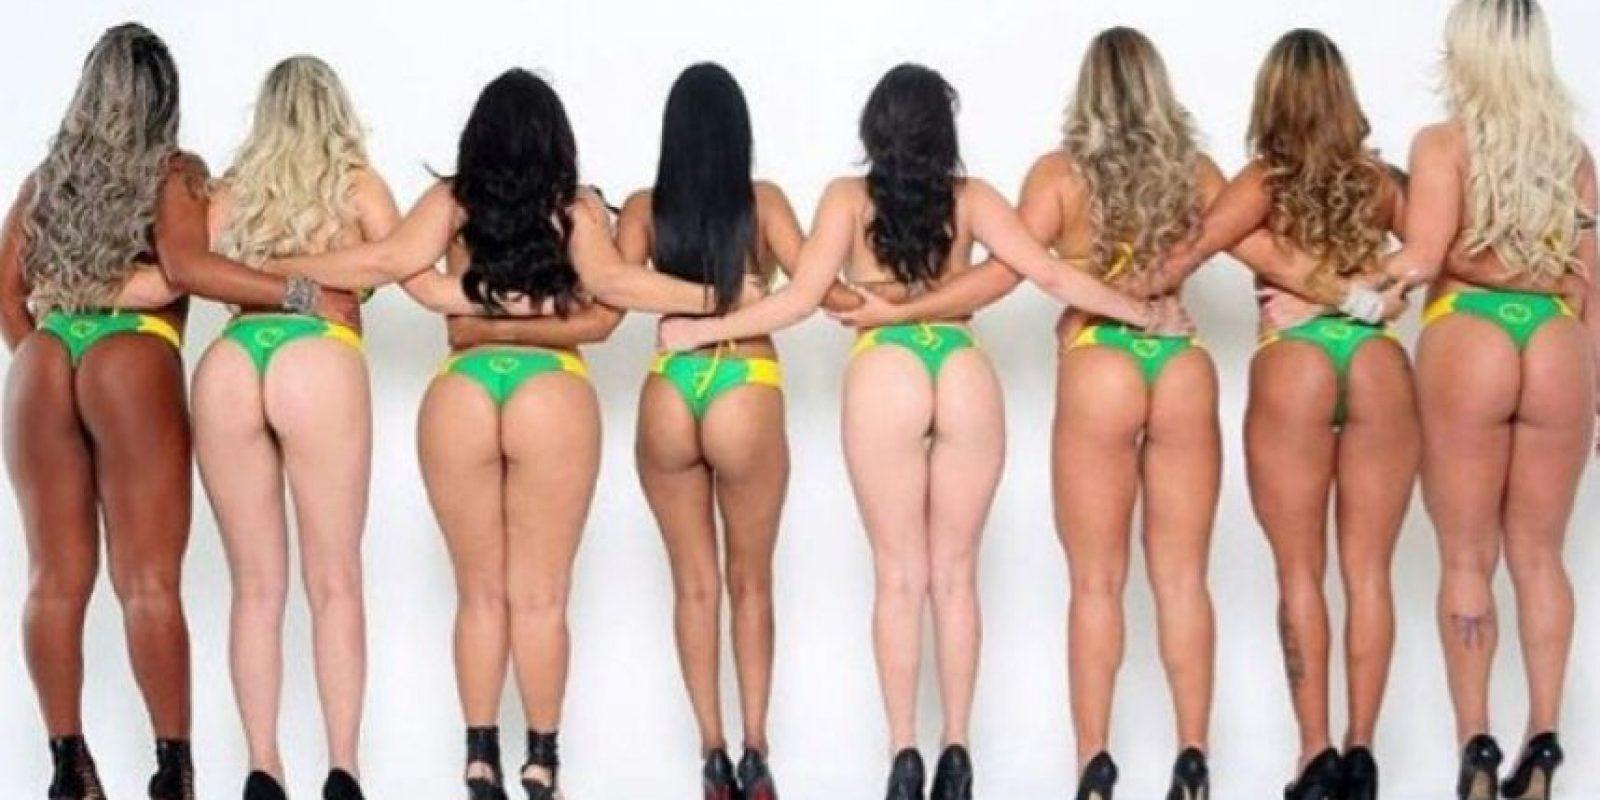 Las candidatas aparecen en diversas partes del país mostrando su espectacular físico. Foto:Instagram/deboradunhil